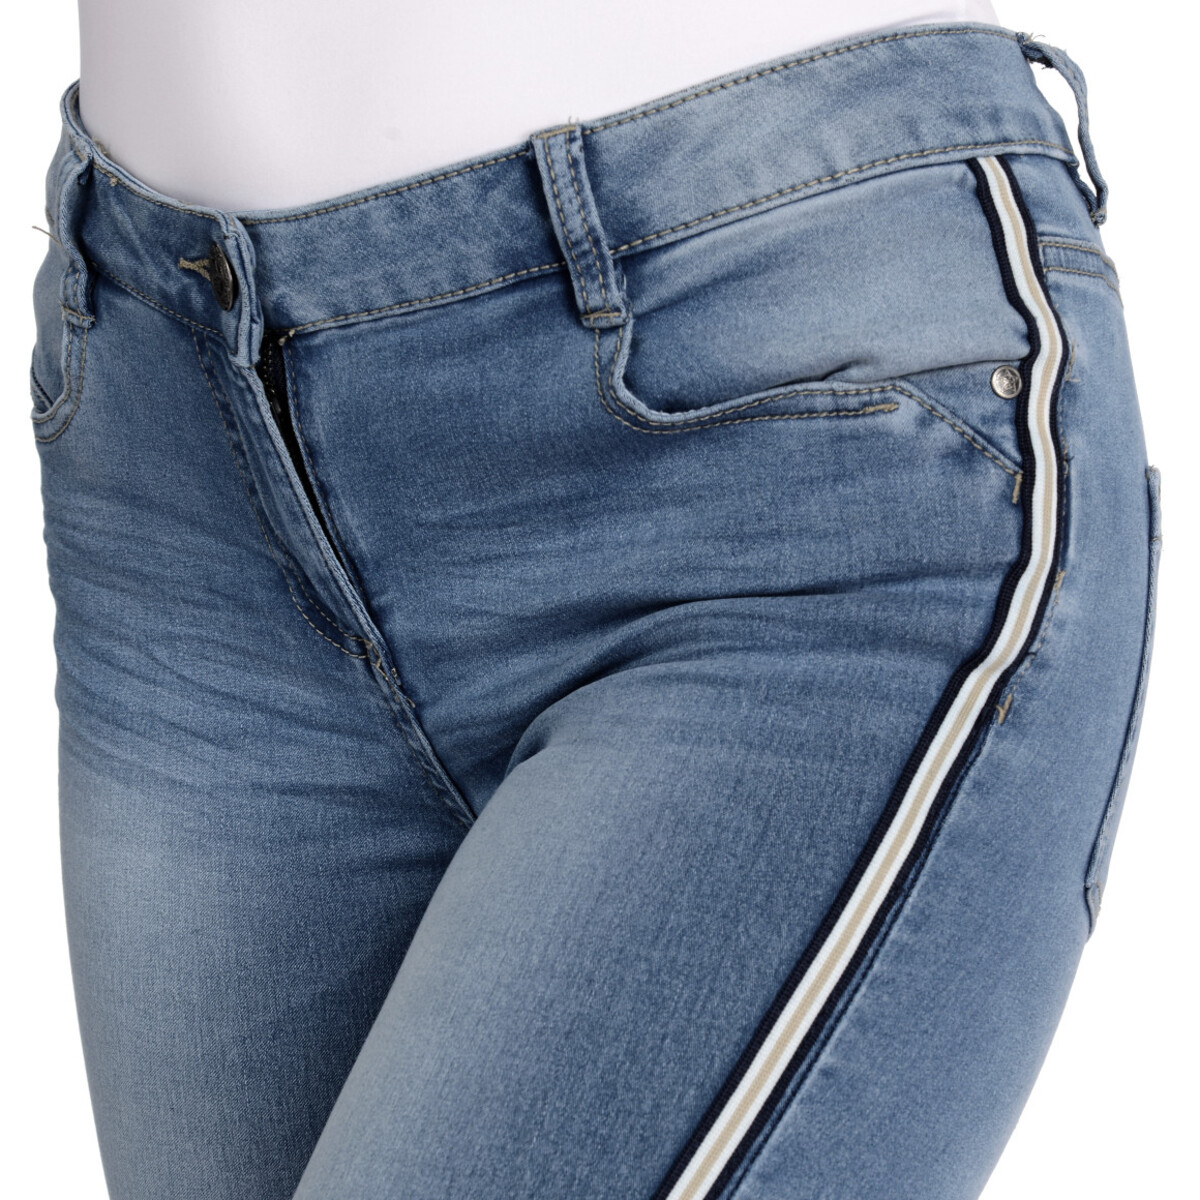 Bild 5 von Damen Slim-Jeans mit Galonstreifen